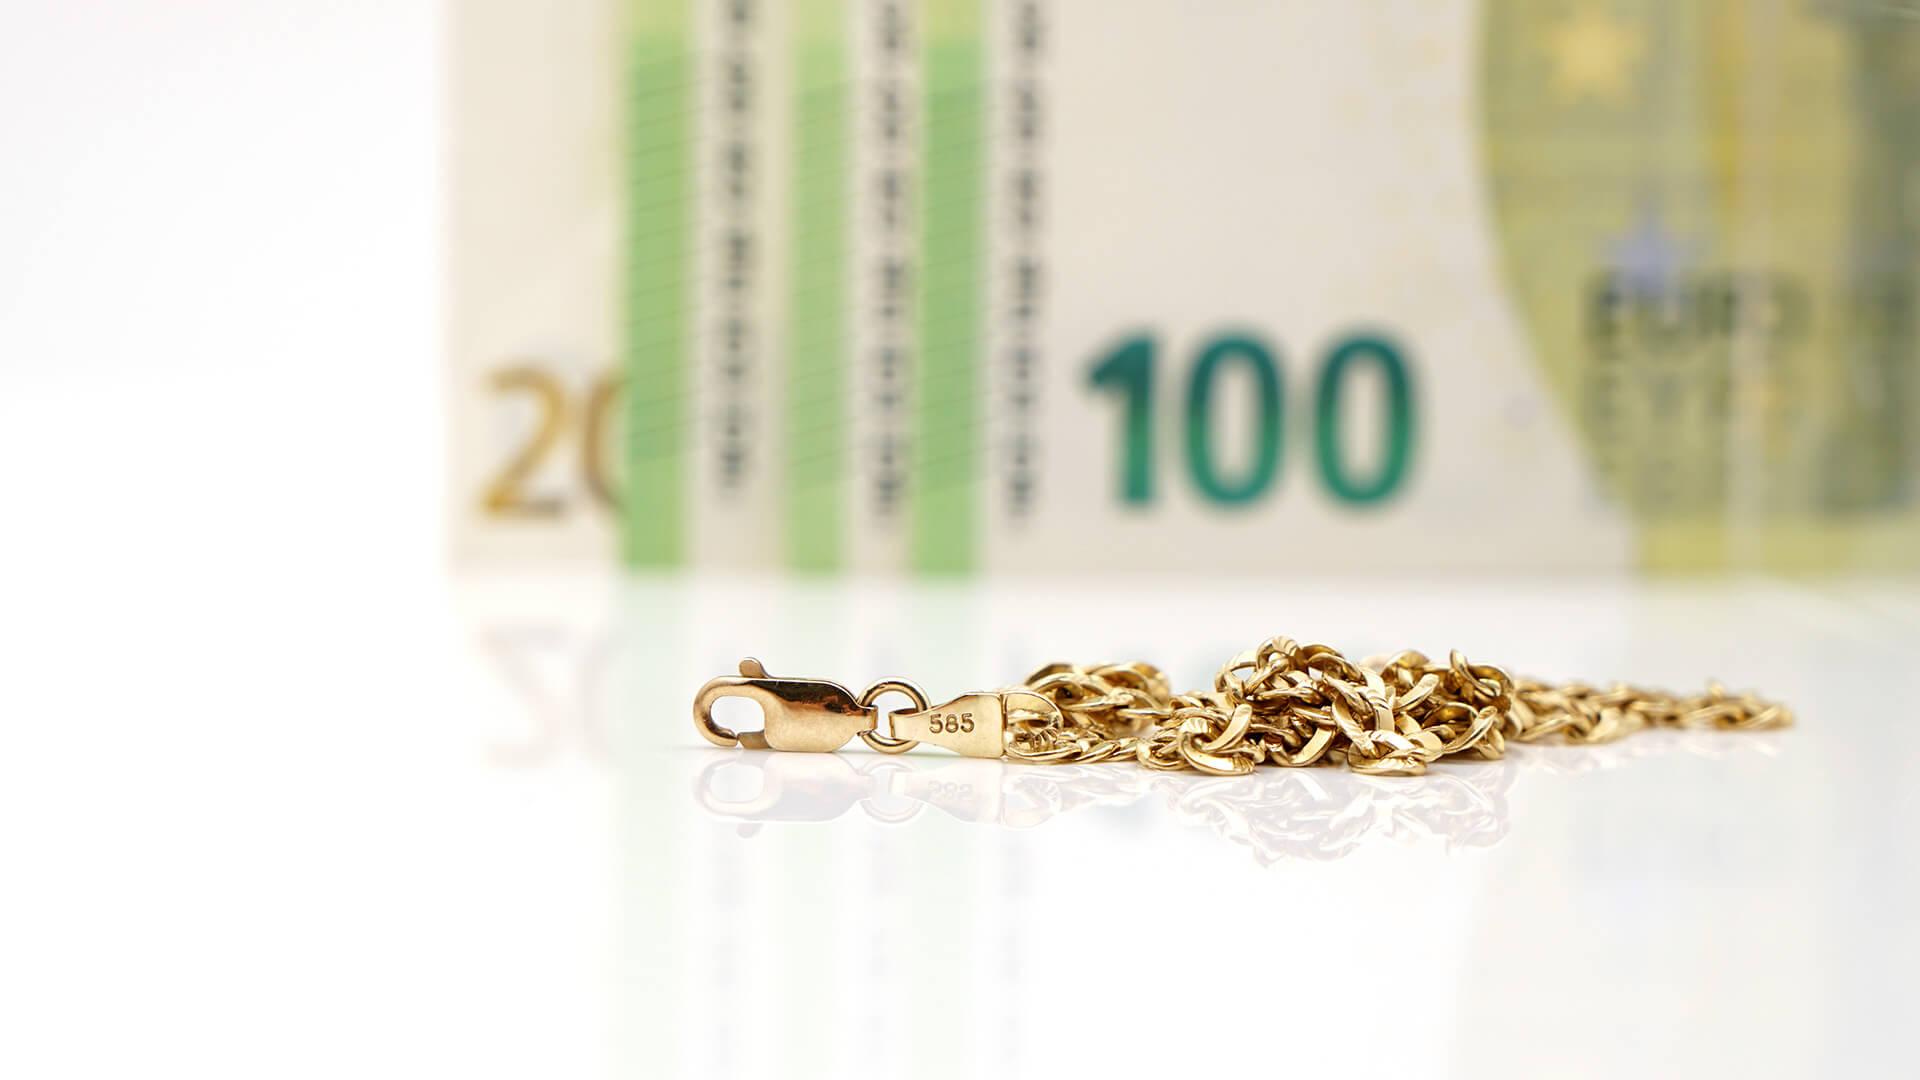 585 Gold Preis im Ankauf Verkauf – 585 Gold Wert pro Gramm